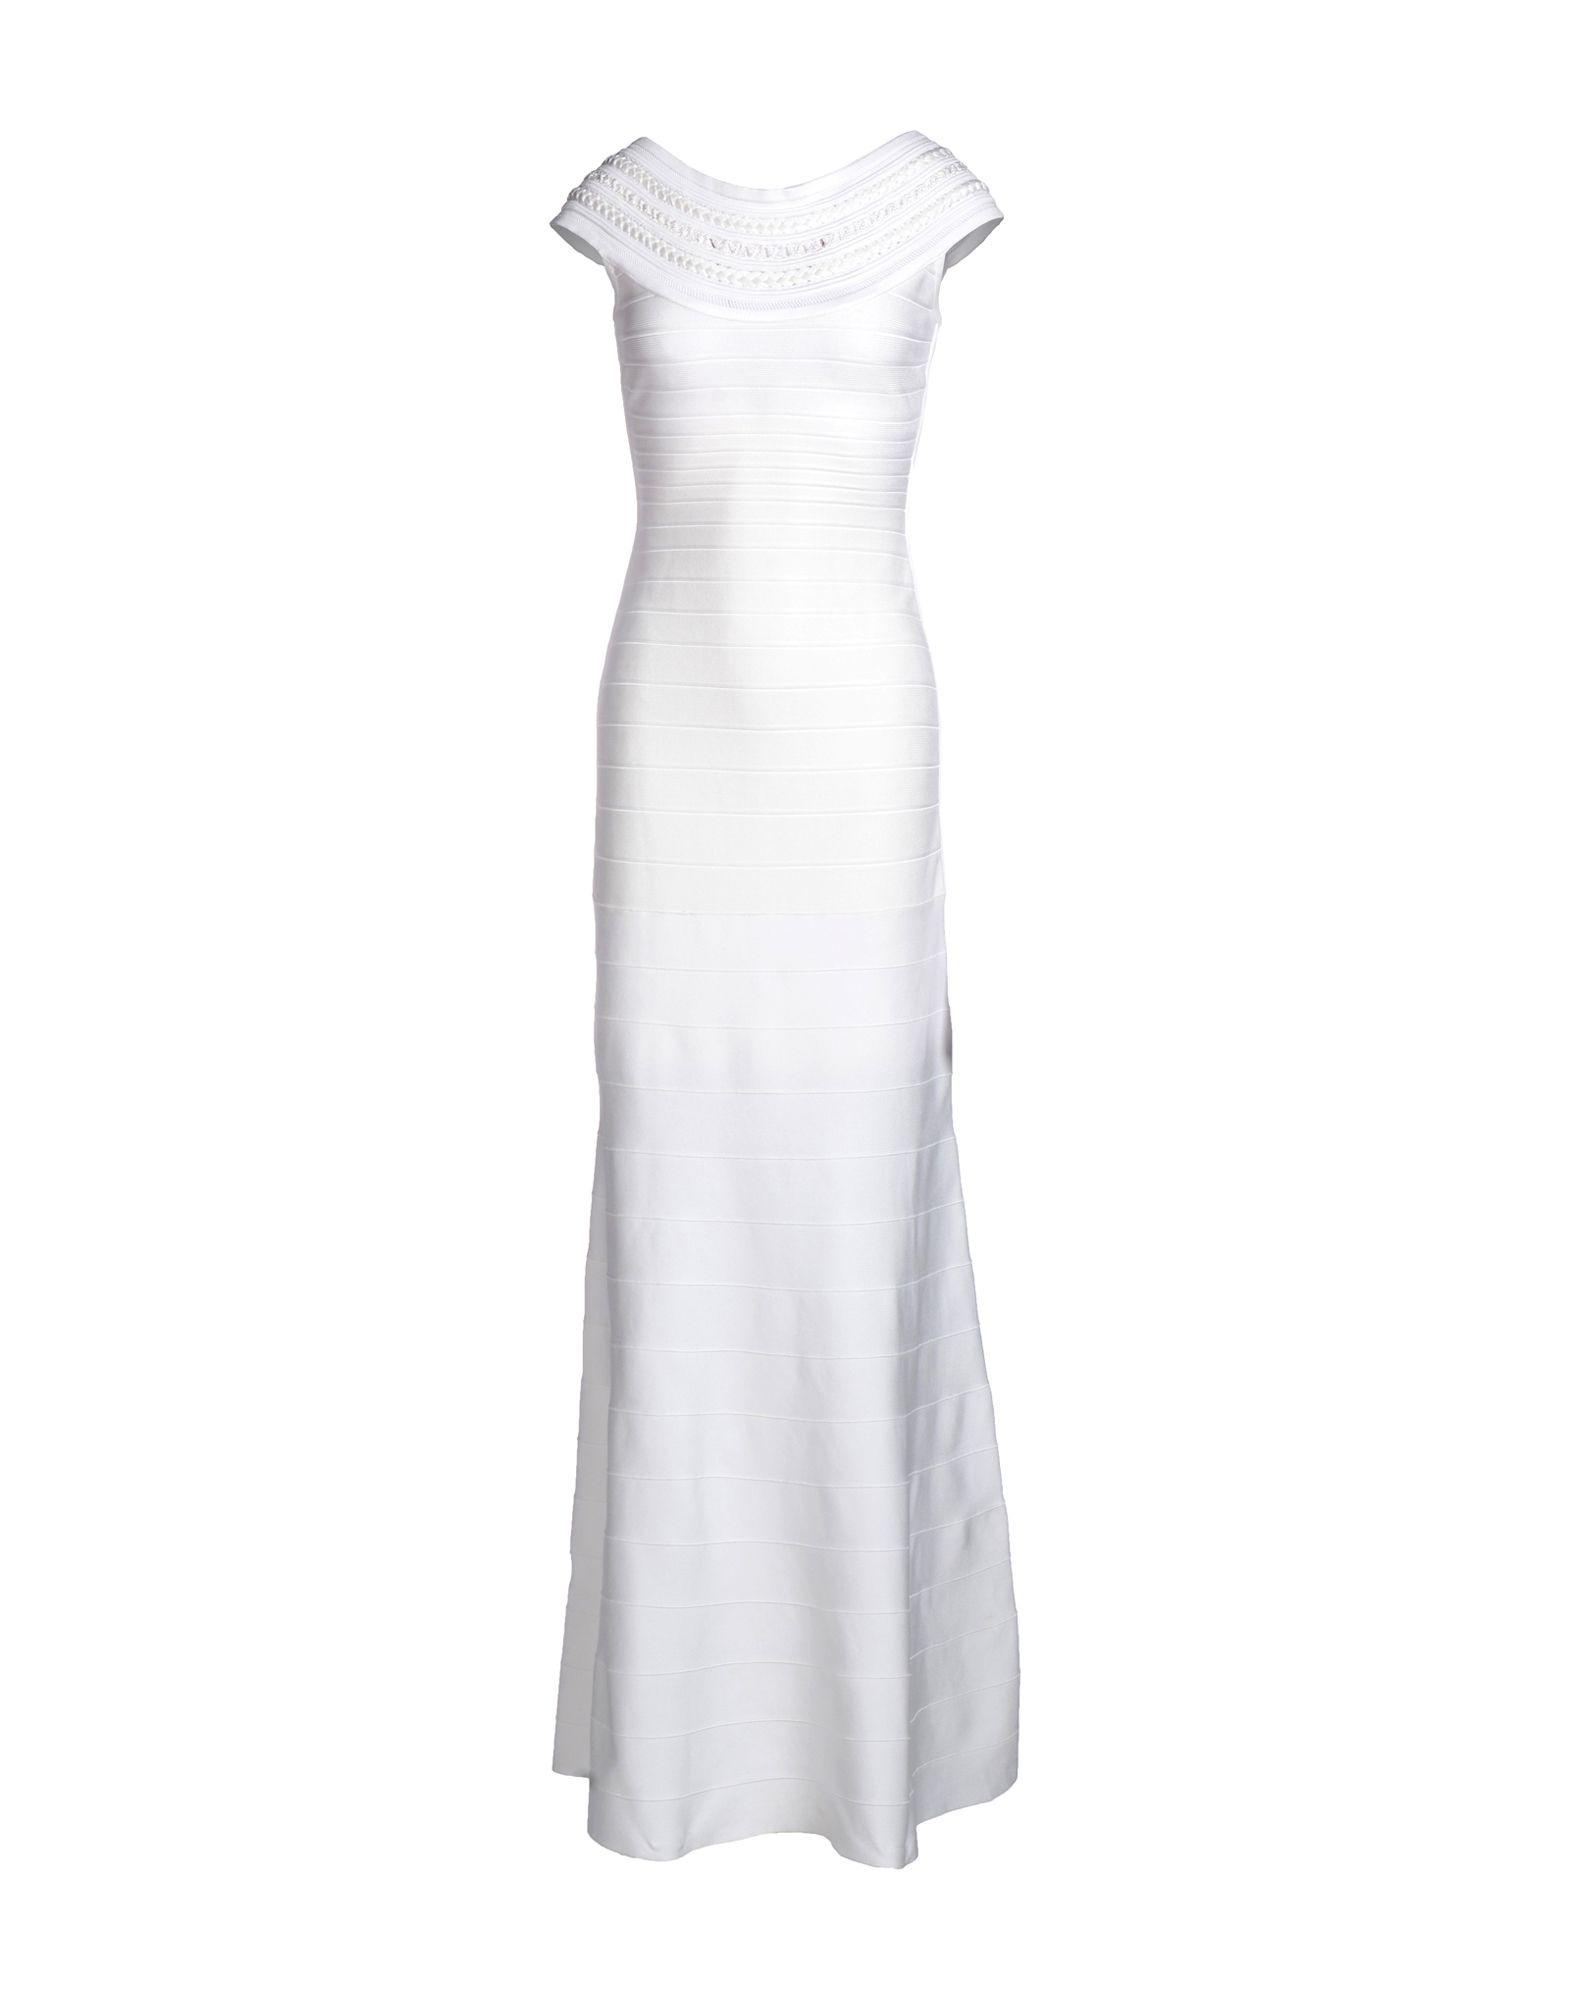 Designer Schön Langes Enges Kleid Design17 Spektakulär Langes Enges Kleid für 2019